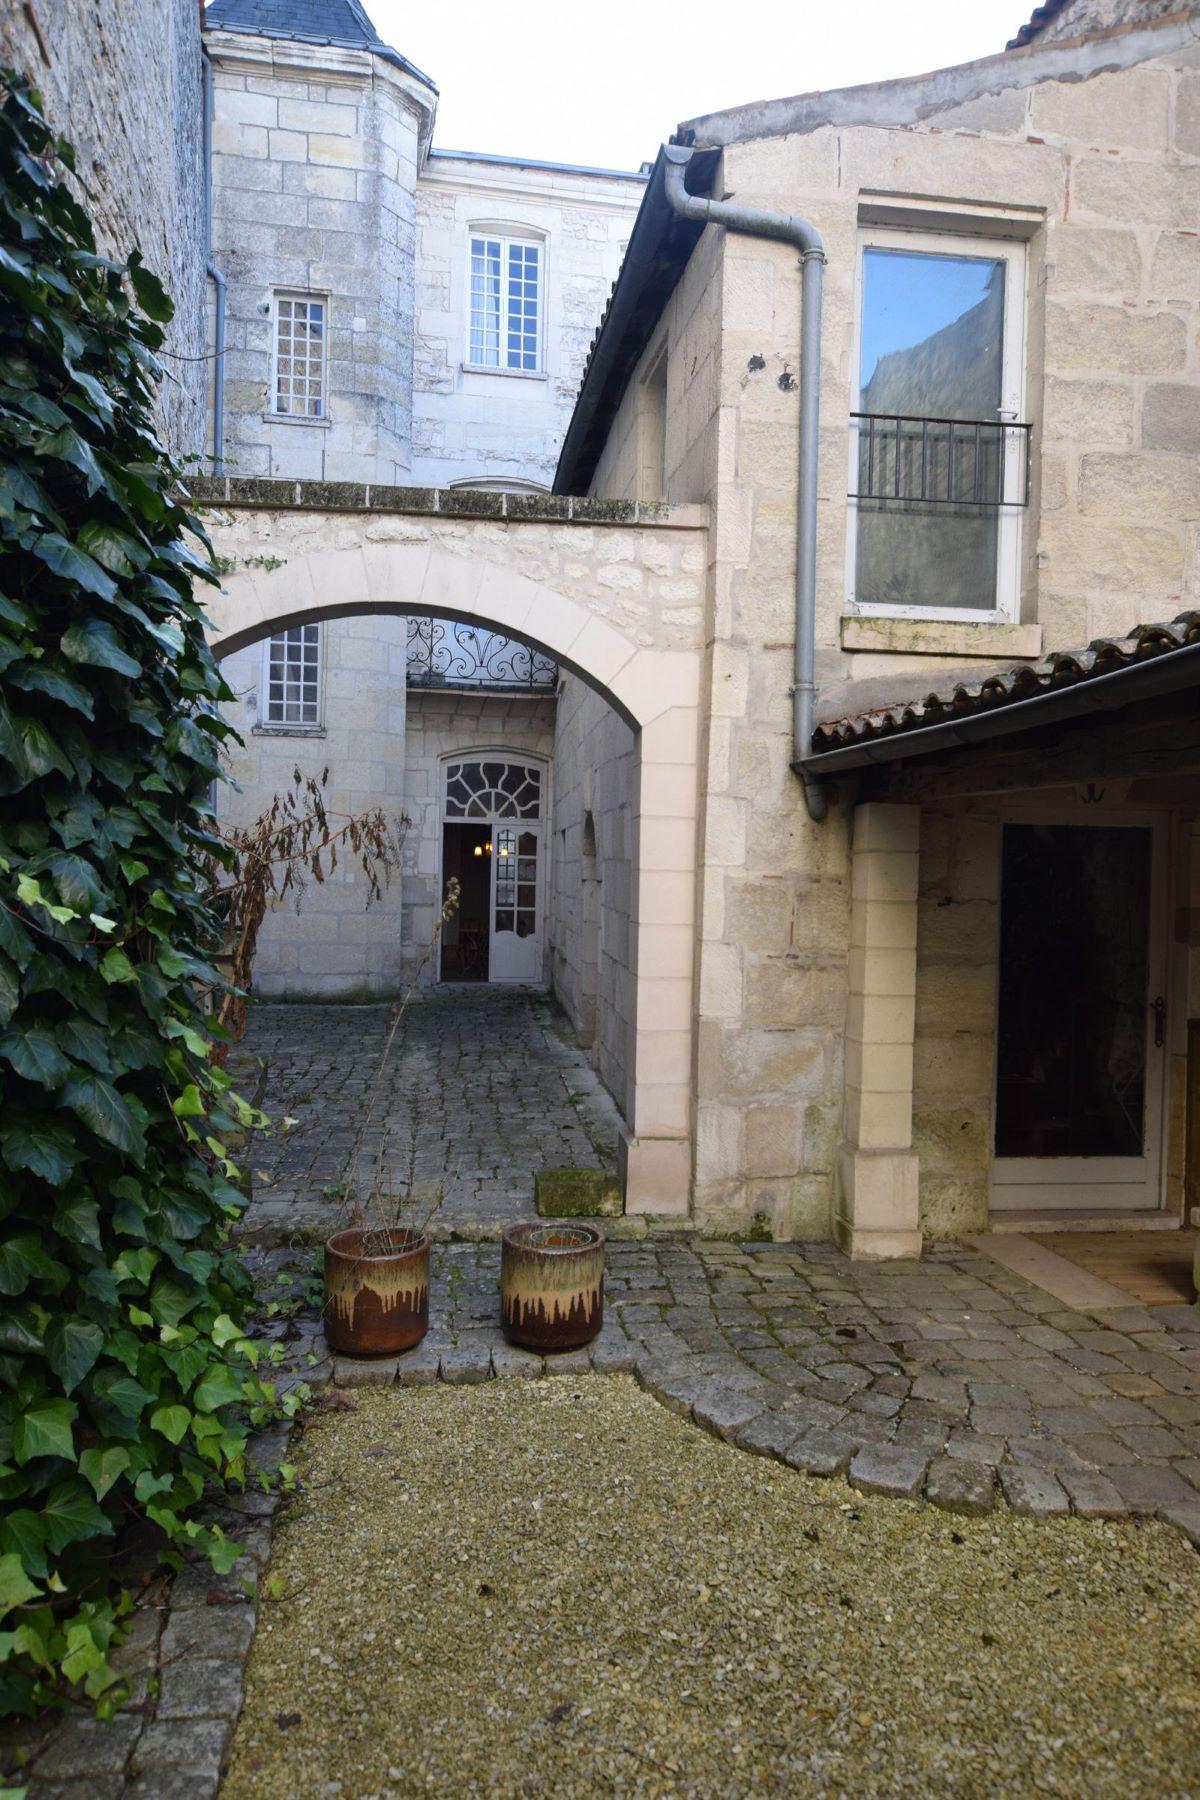 联栋屋 为 销售 在 Town house - center of SAINTES 圣特斯, 普瓦图夏朗德, 17100 法国